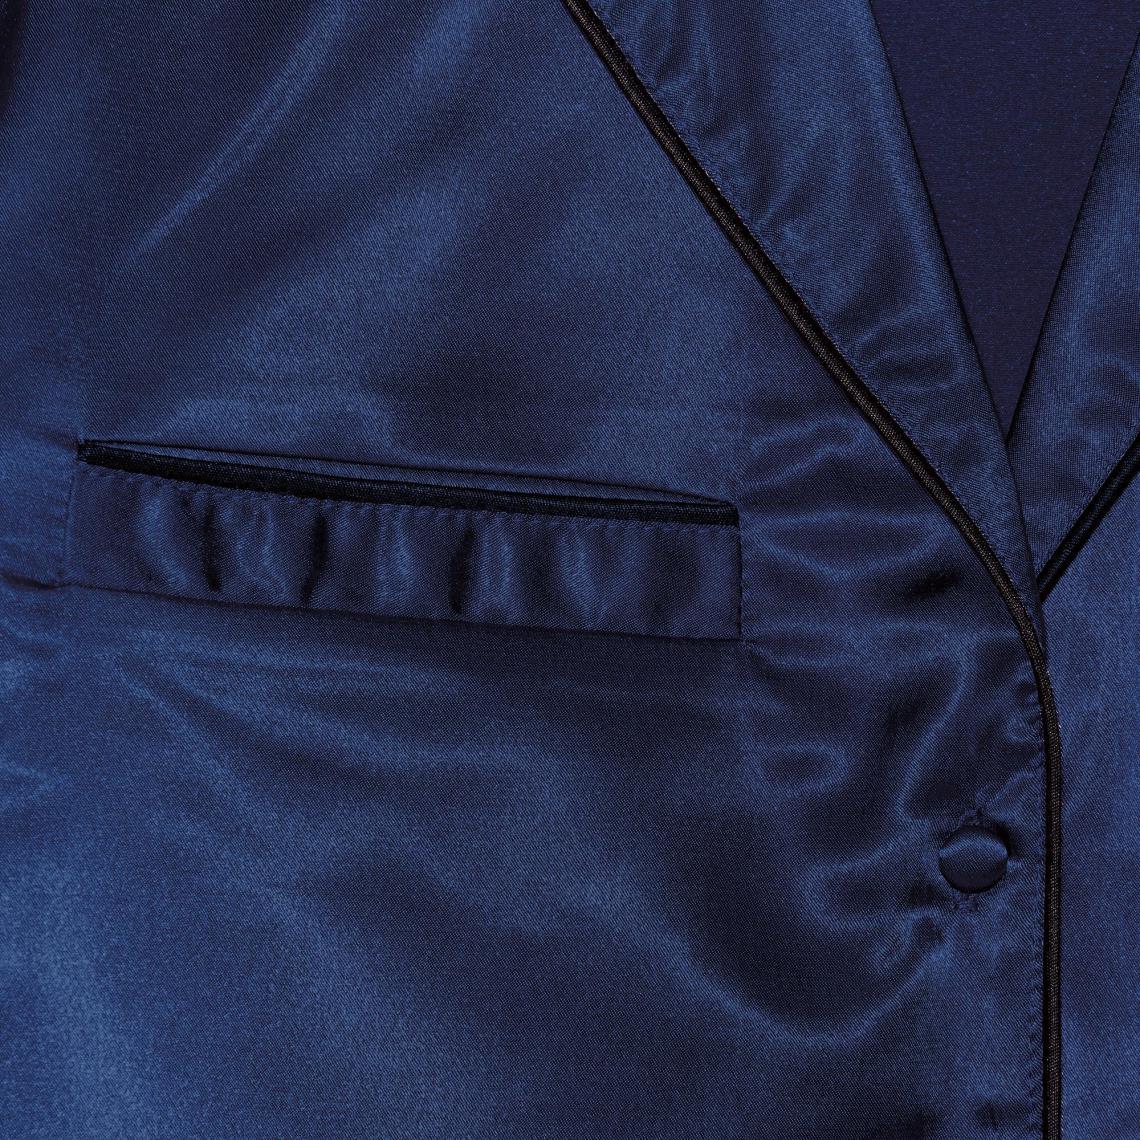 Pyjama en satin blouse et pantalon femme Exclusivité 3SUISSES - Bleu Nuit 3  SUISSES 17405c080a1